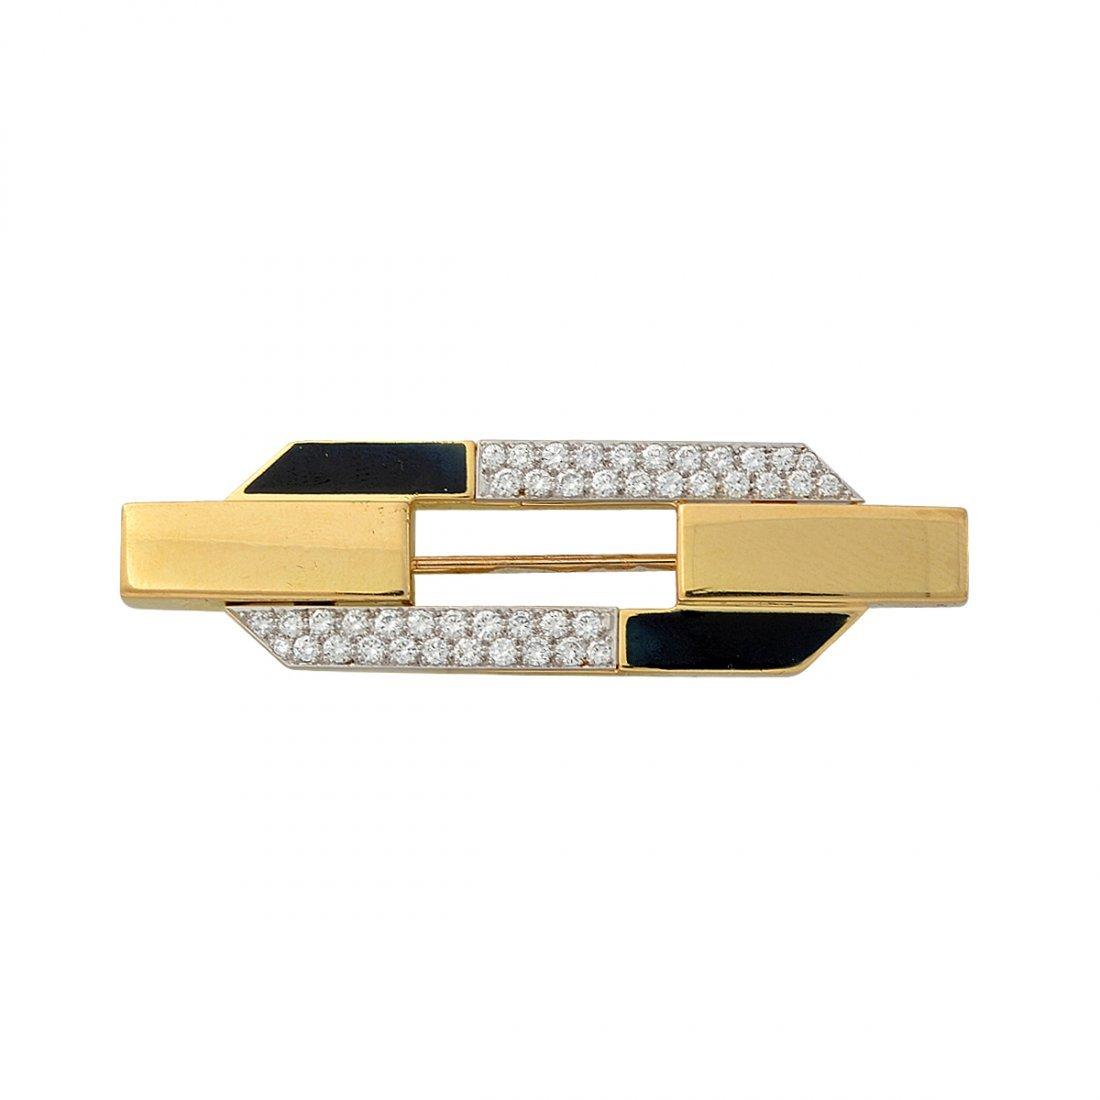 6: Webb 18k yellow gold and onyx pin. 44 diamonds